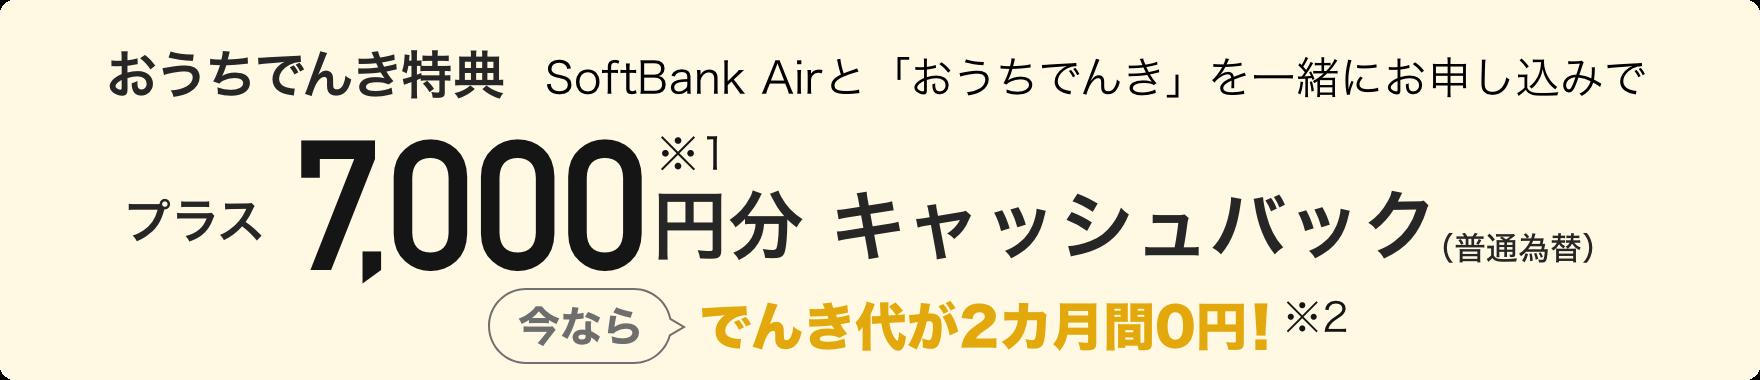 おうちでんき特典 SoftBank Airと「おうちでんき」を一緒にお申し込みで プラス7,000円分※1キャッシュバック(普通為替) 今ならでんき代が2カ月間0円! ※2